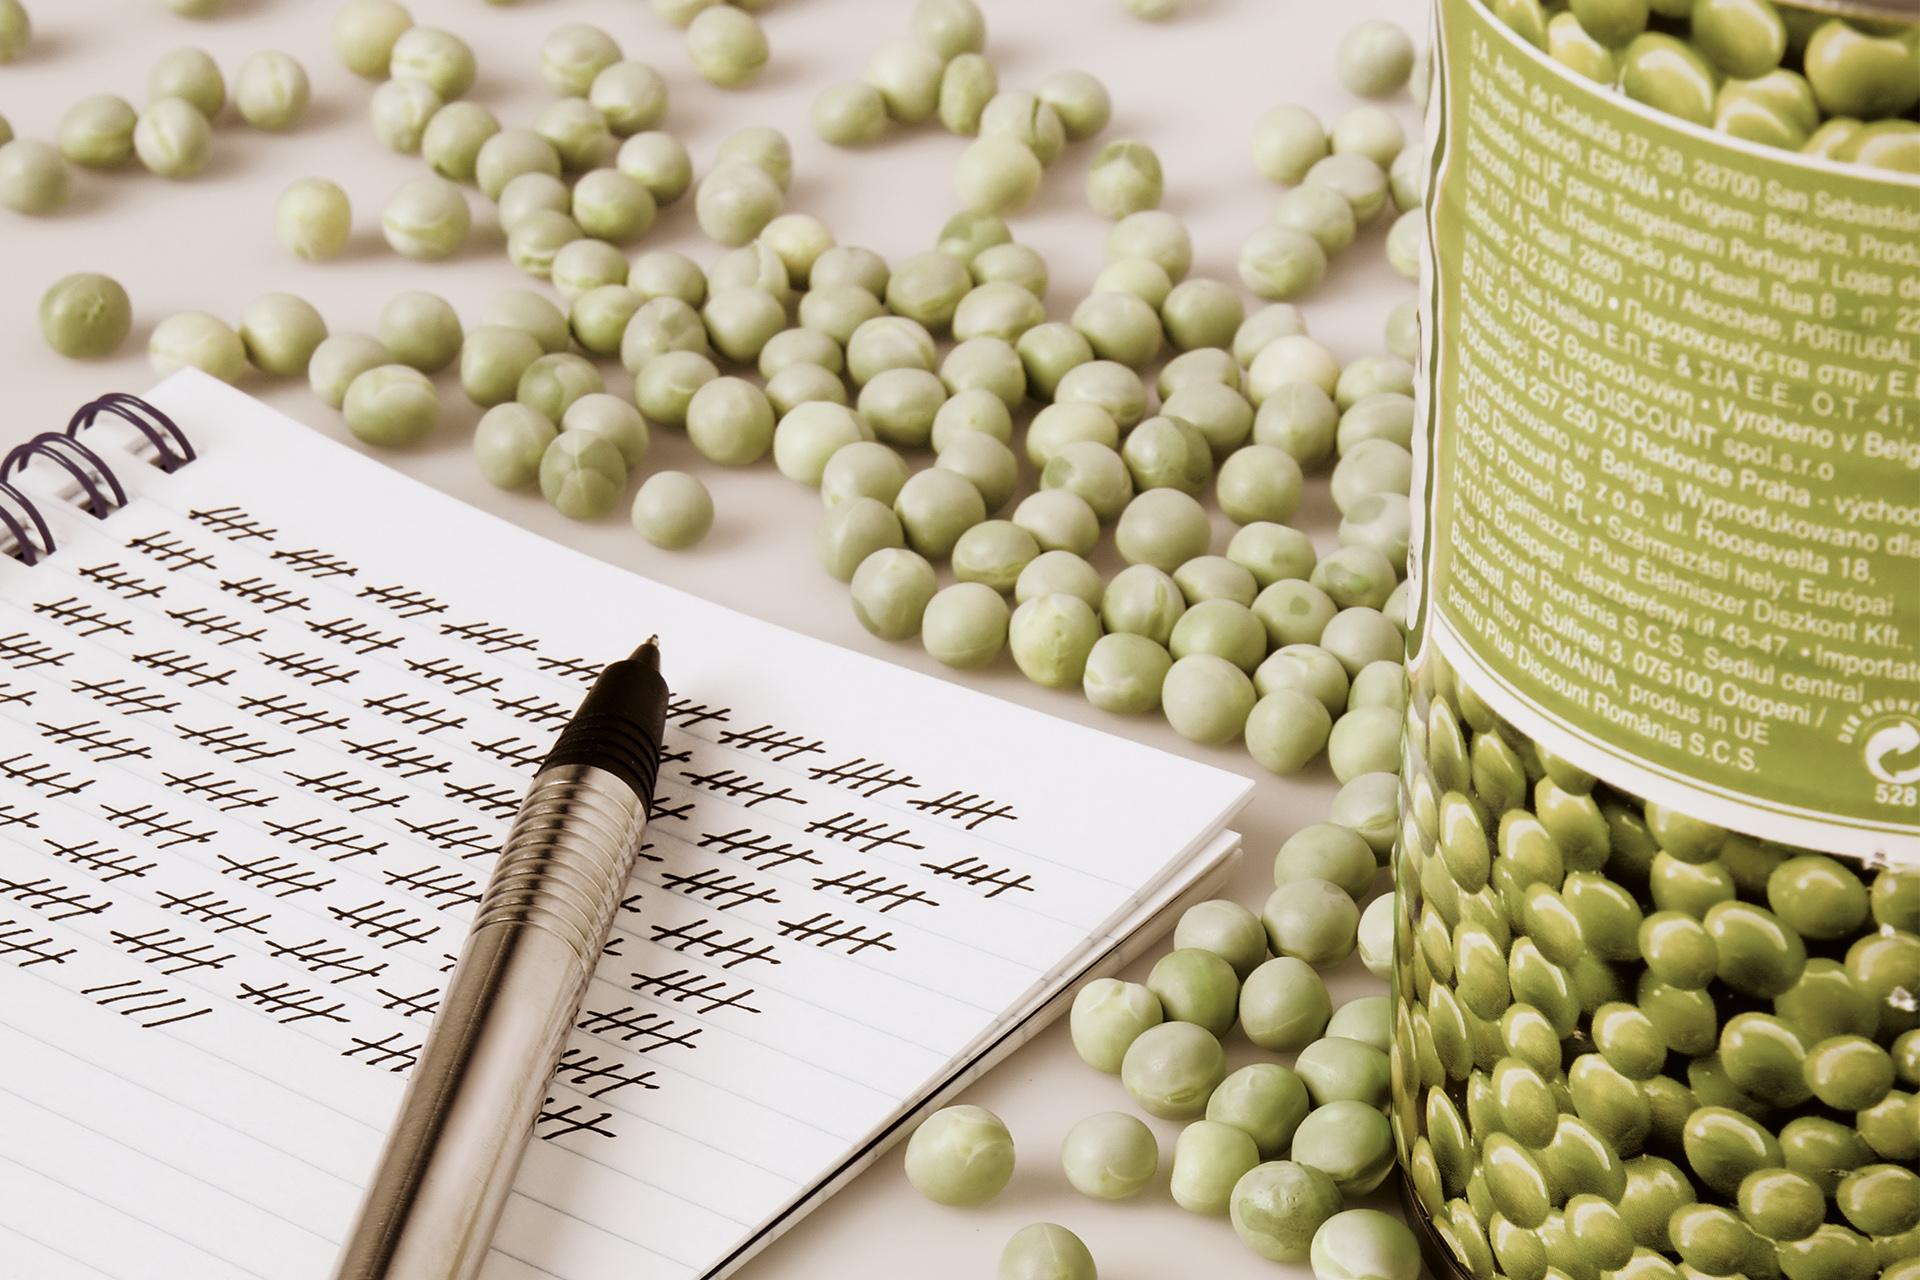 Auf einem Tisch liegen getrocknete Erbsen und ein vollgeschriebenes Notizblatt mit Stift.